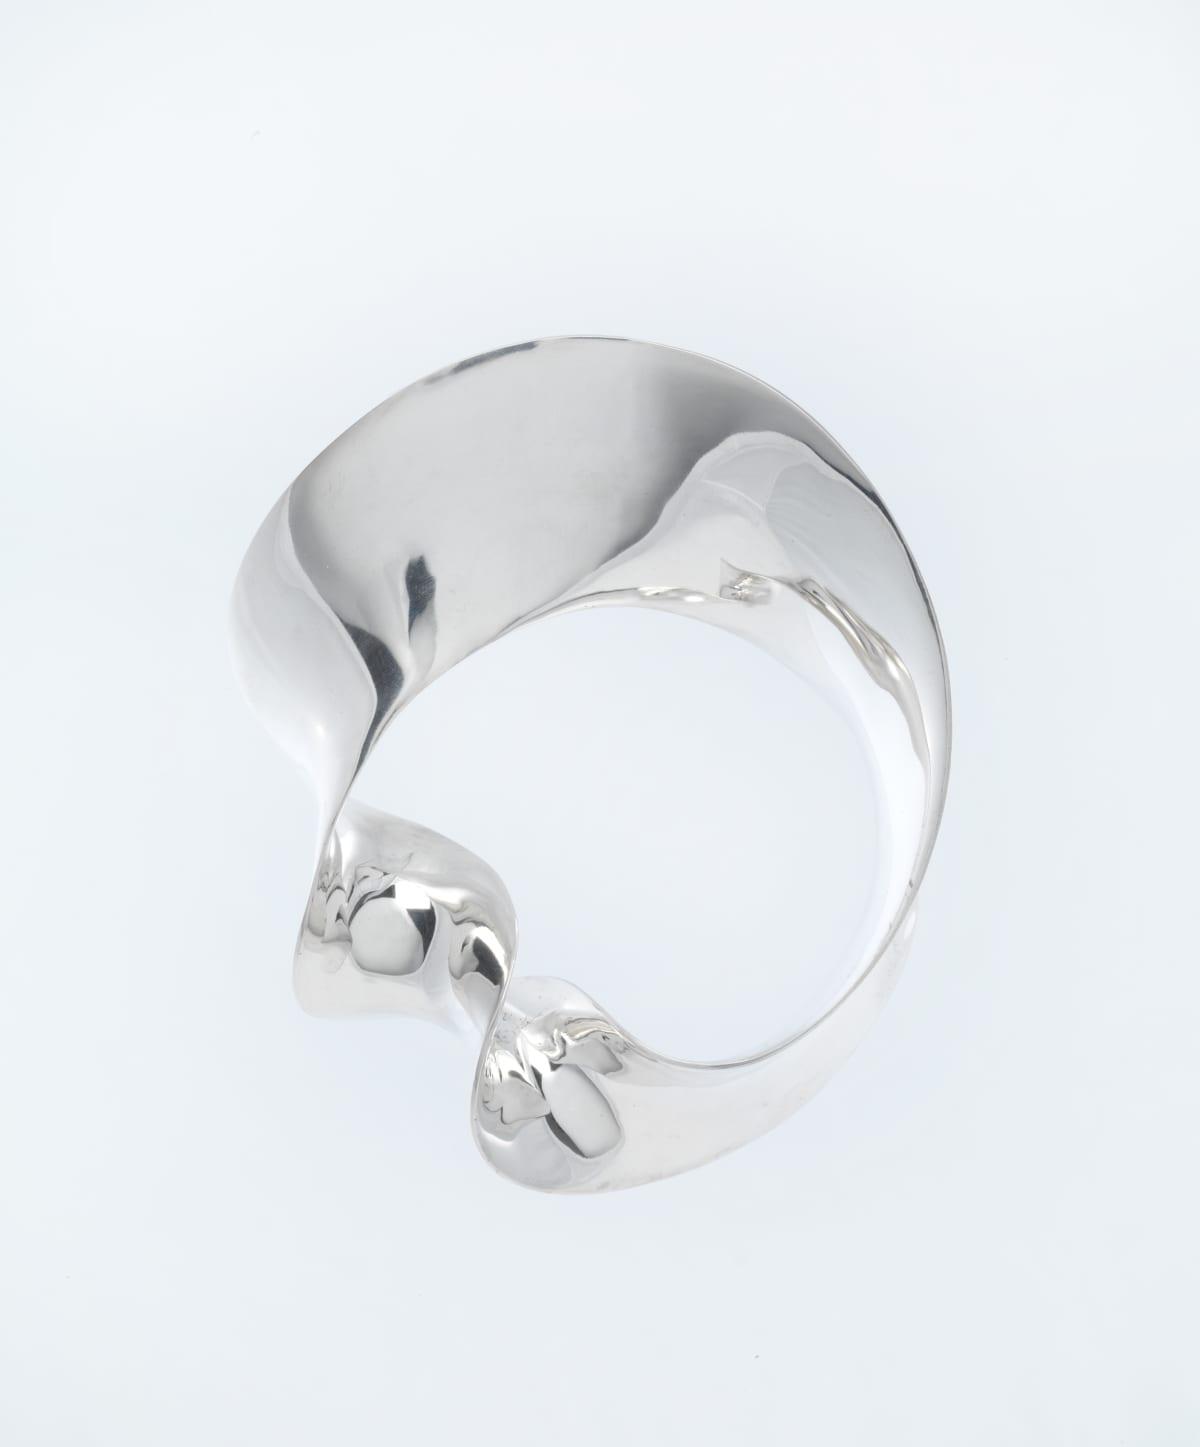 Merete Rasmussen, Bracelet (polished), 2014